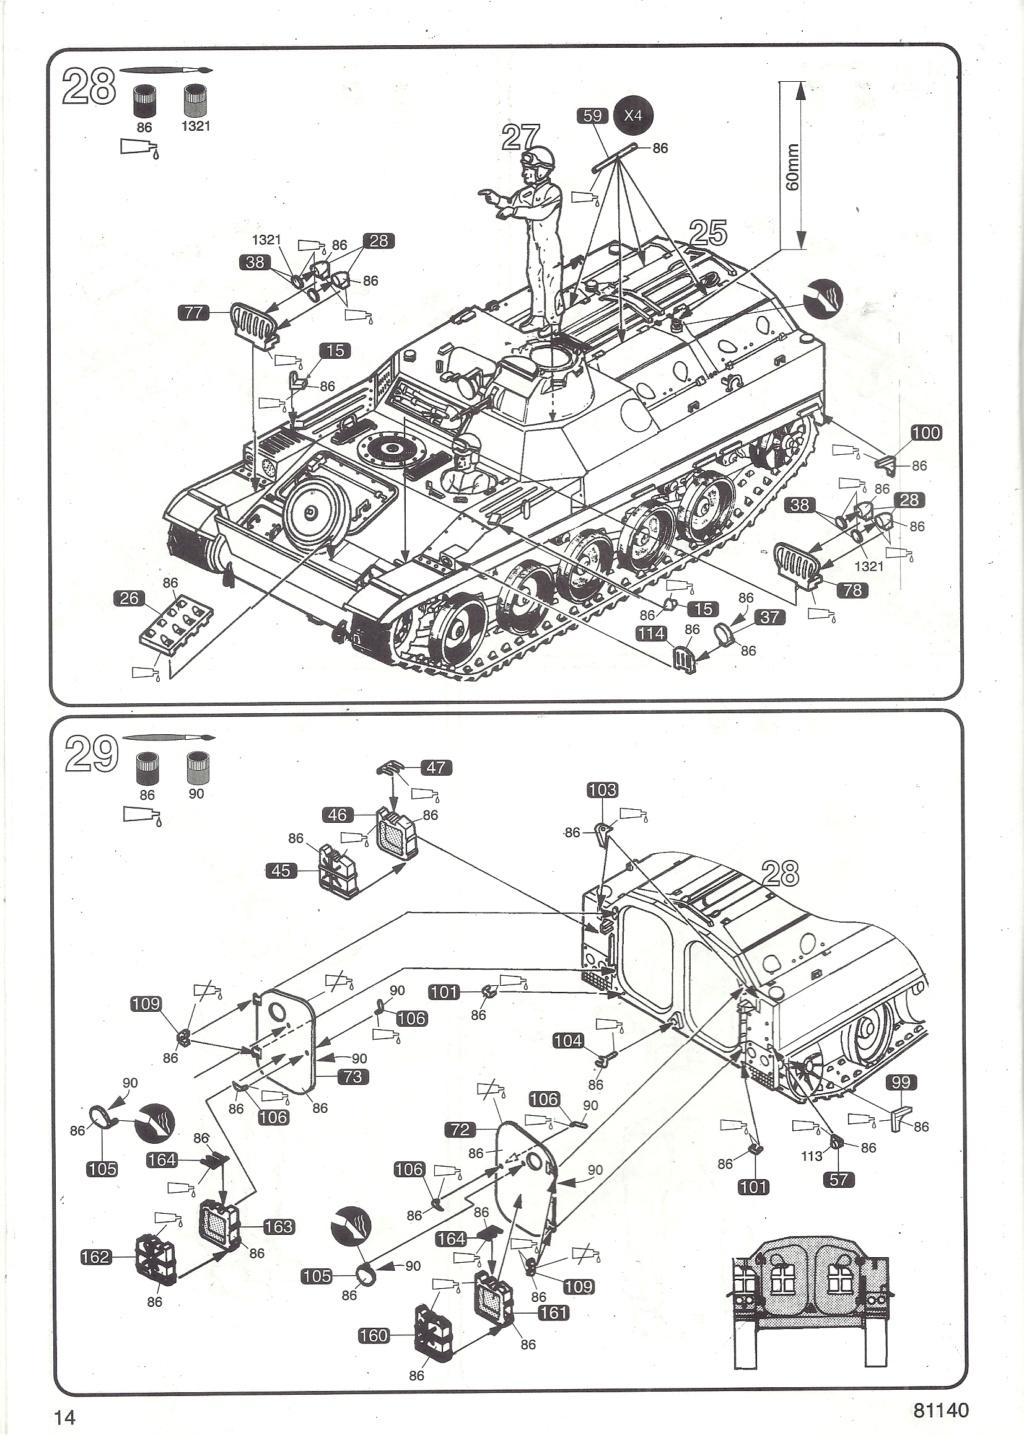 Véhicule de Combat d Infanterie AMX 13 M 56 VCI 1/35ème Réf 81140 Notice Hell2124